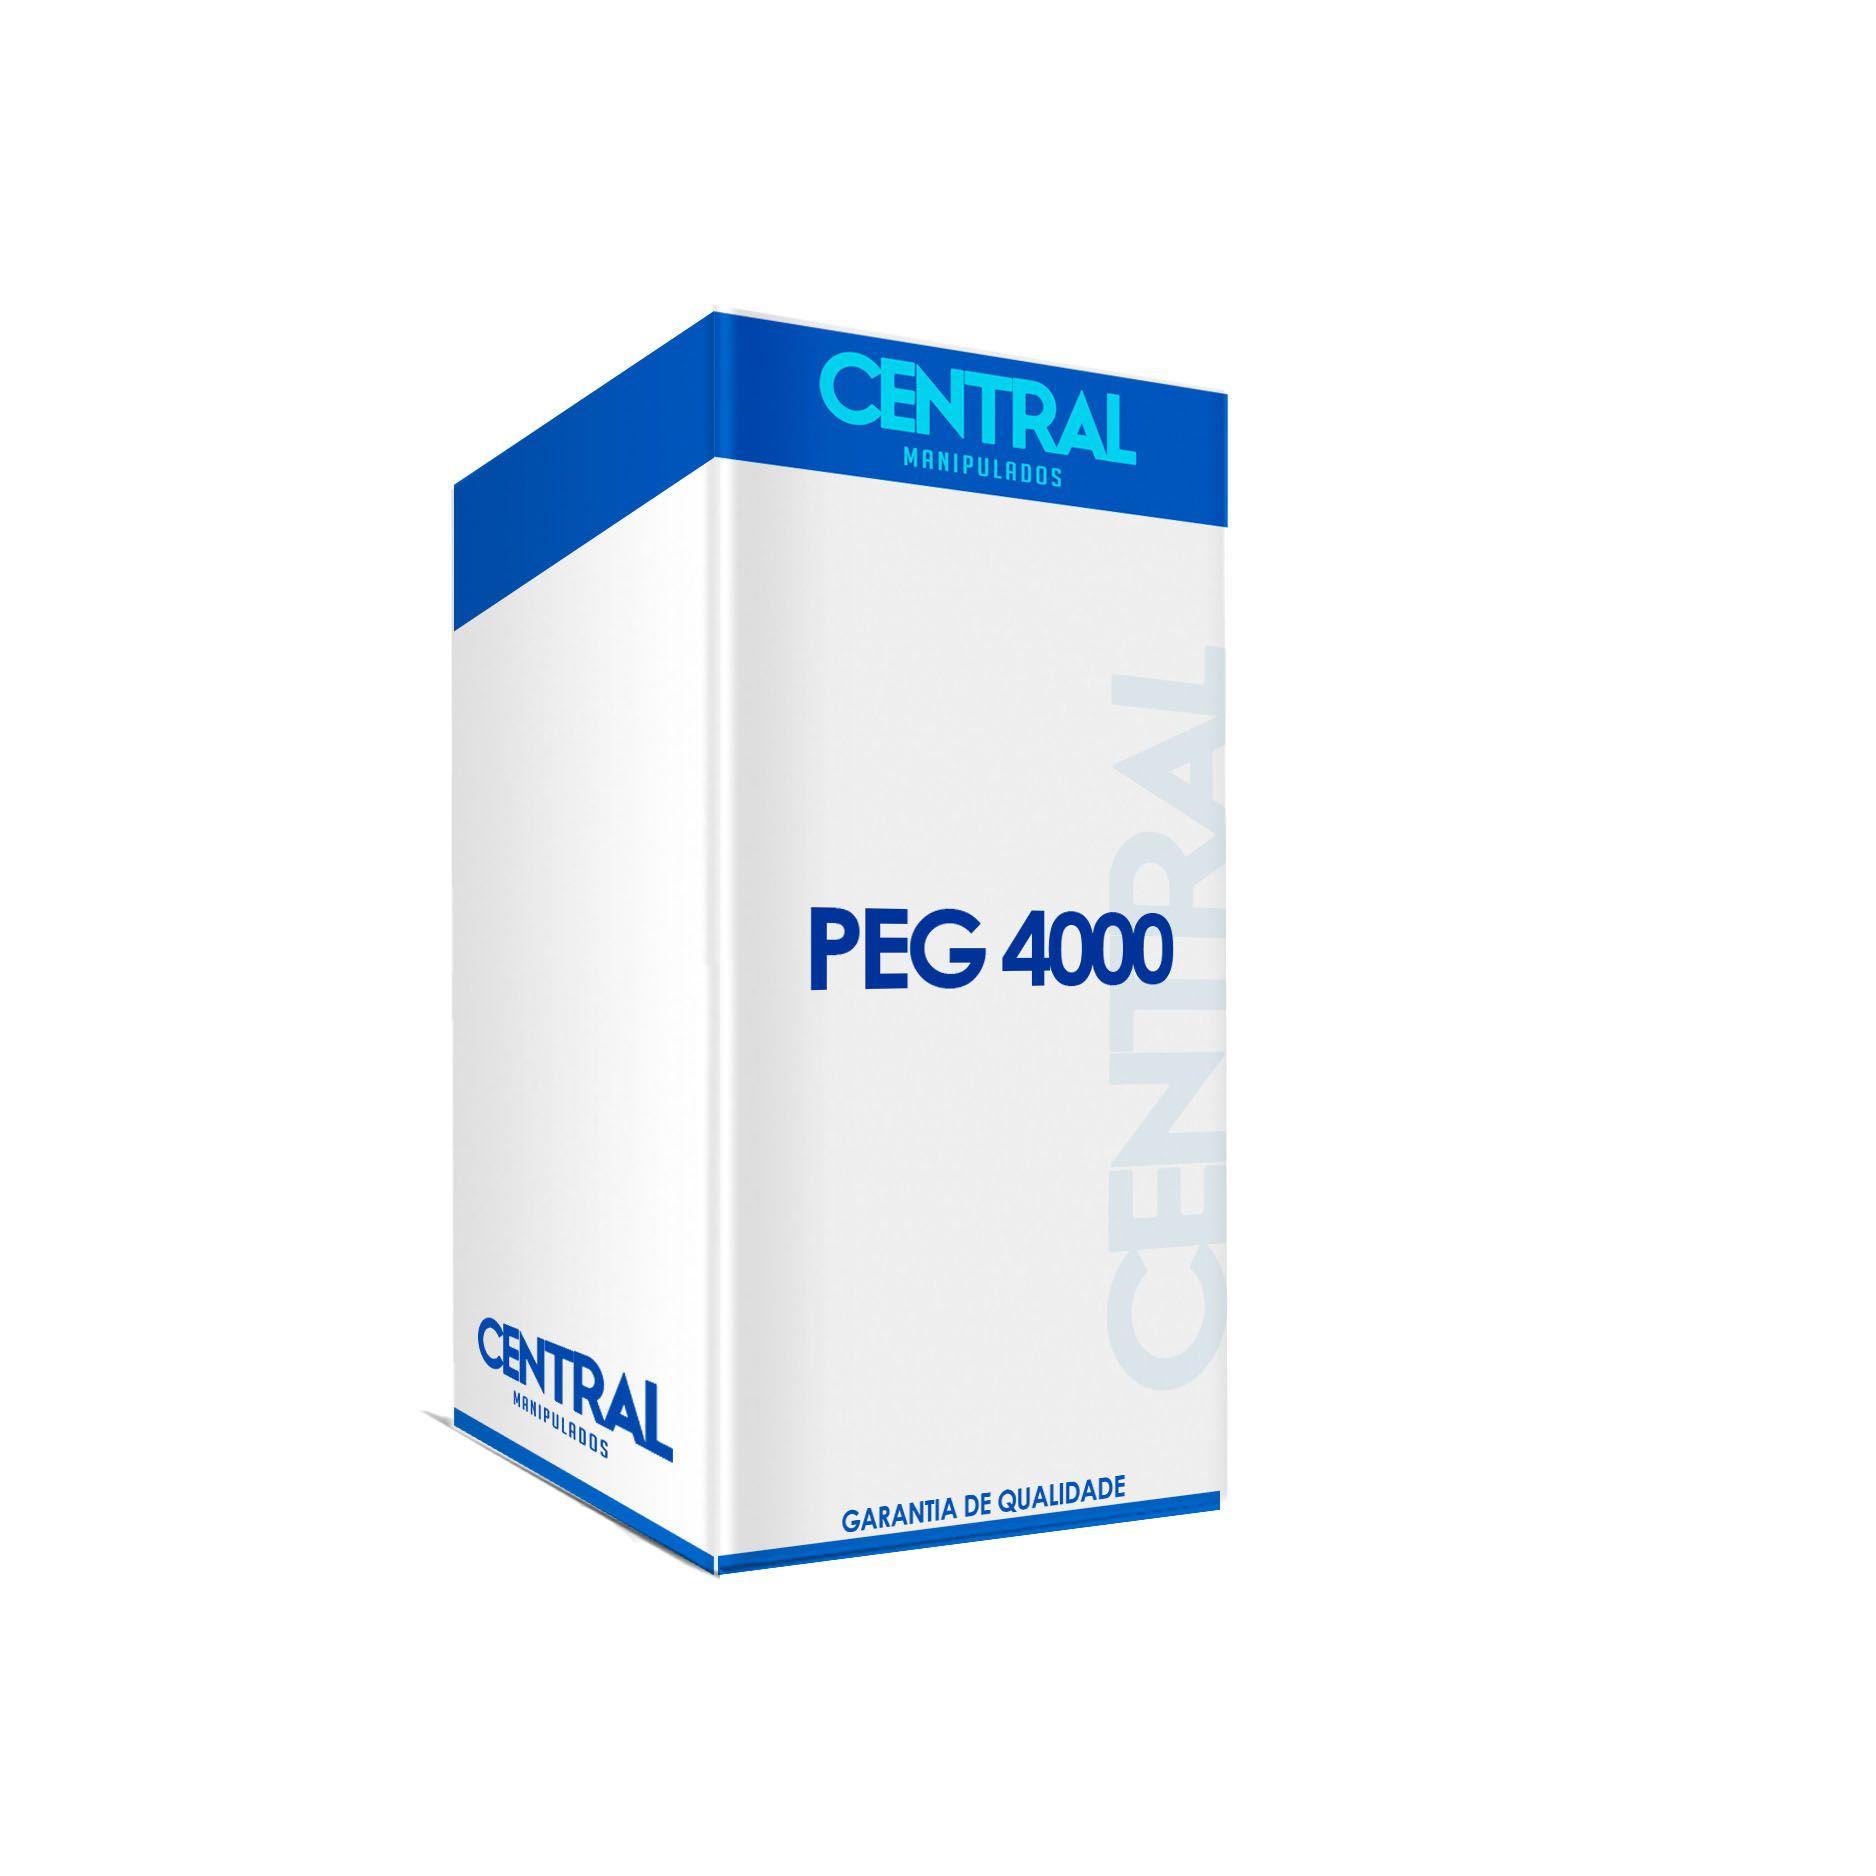 PEG 4000 - 150g com 60 Doses - Saúde Intestinal